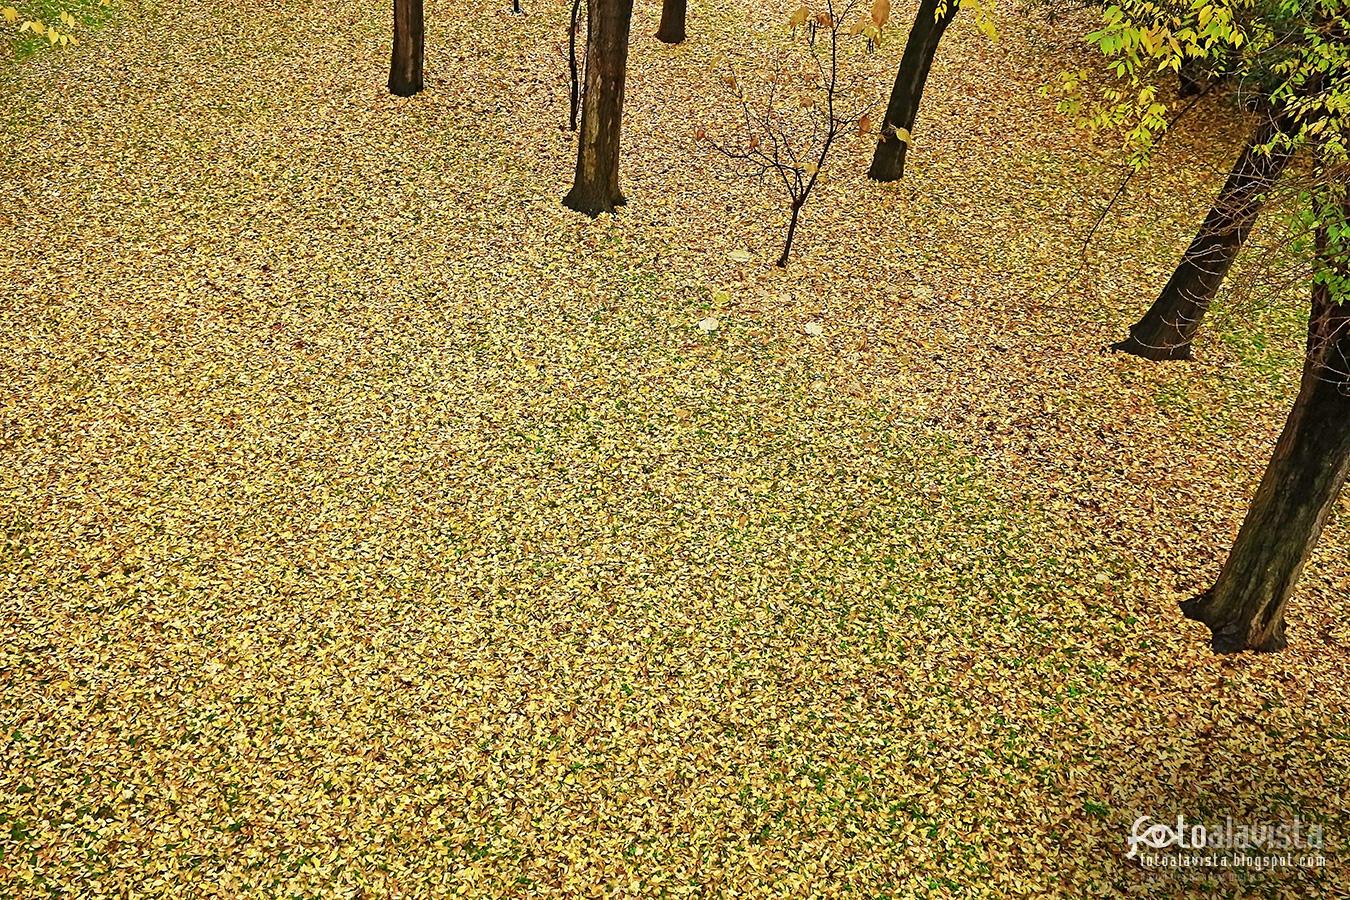 Manto de hojas con casi minimalismo estacional - Fotografía artística